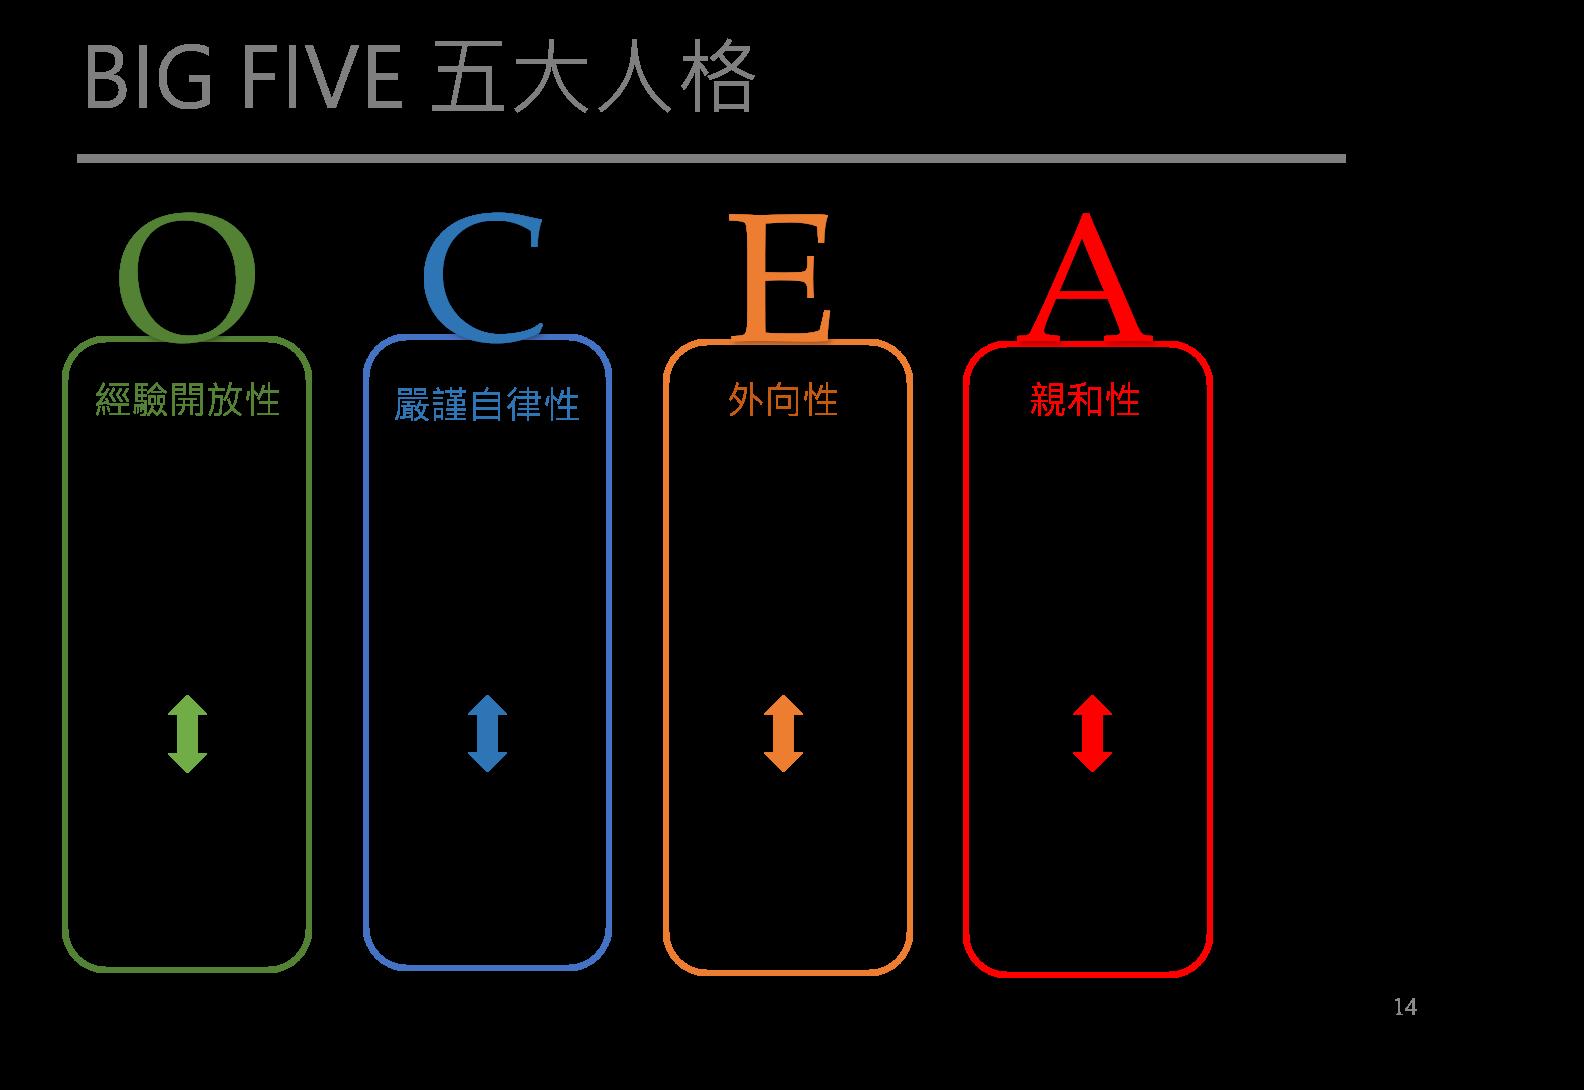 Big Five 五大人格